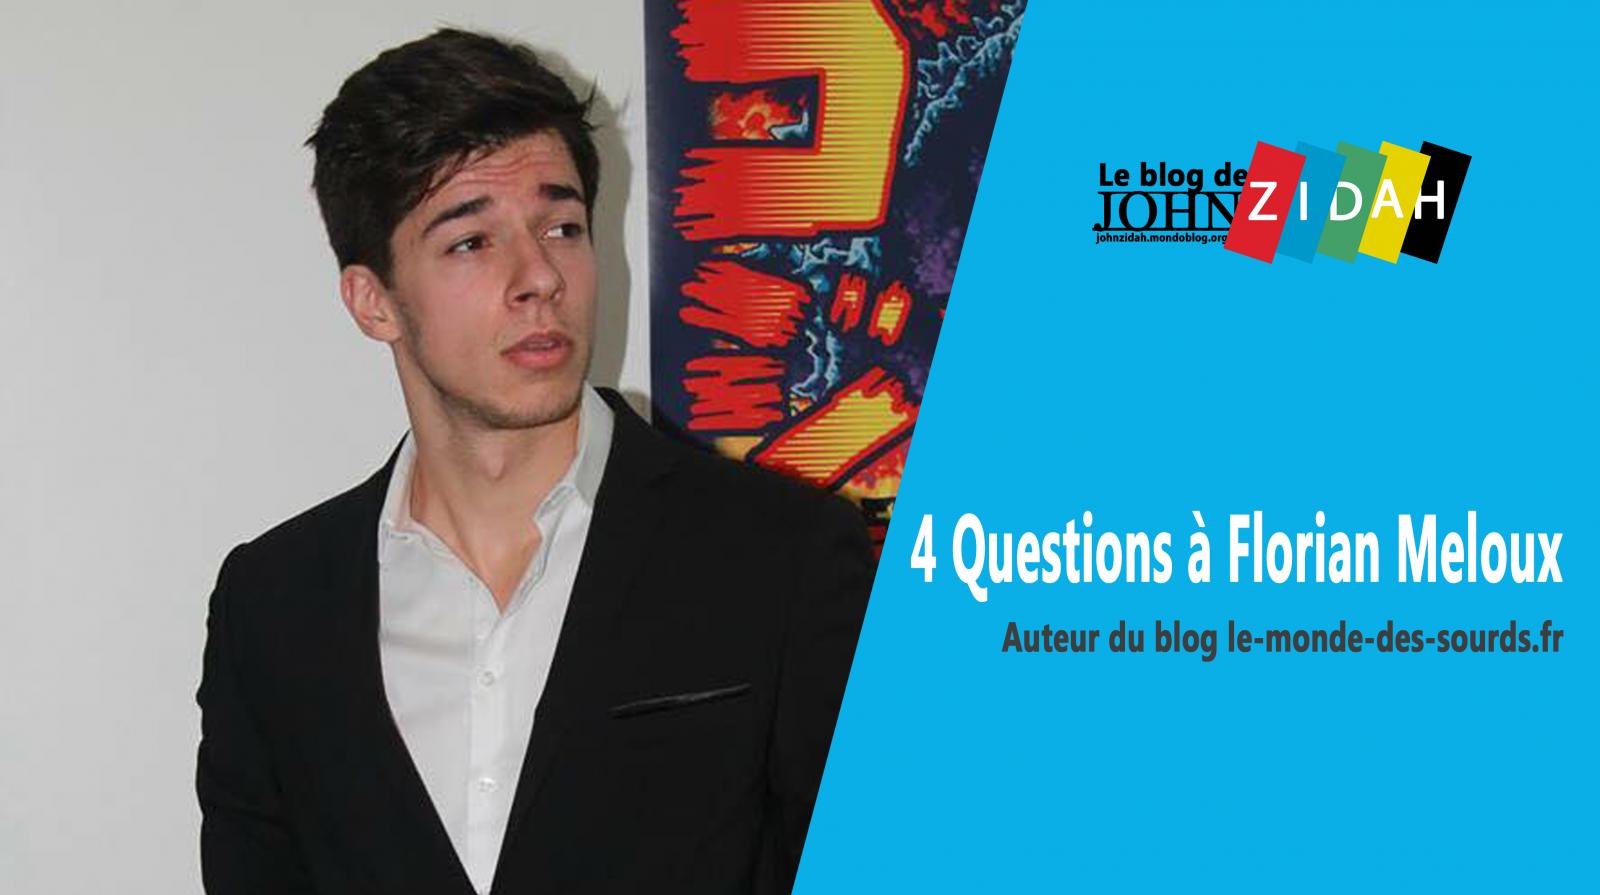 Avec son blog, Florian Meloux veut que les sourds «rêvent plus grand»